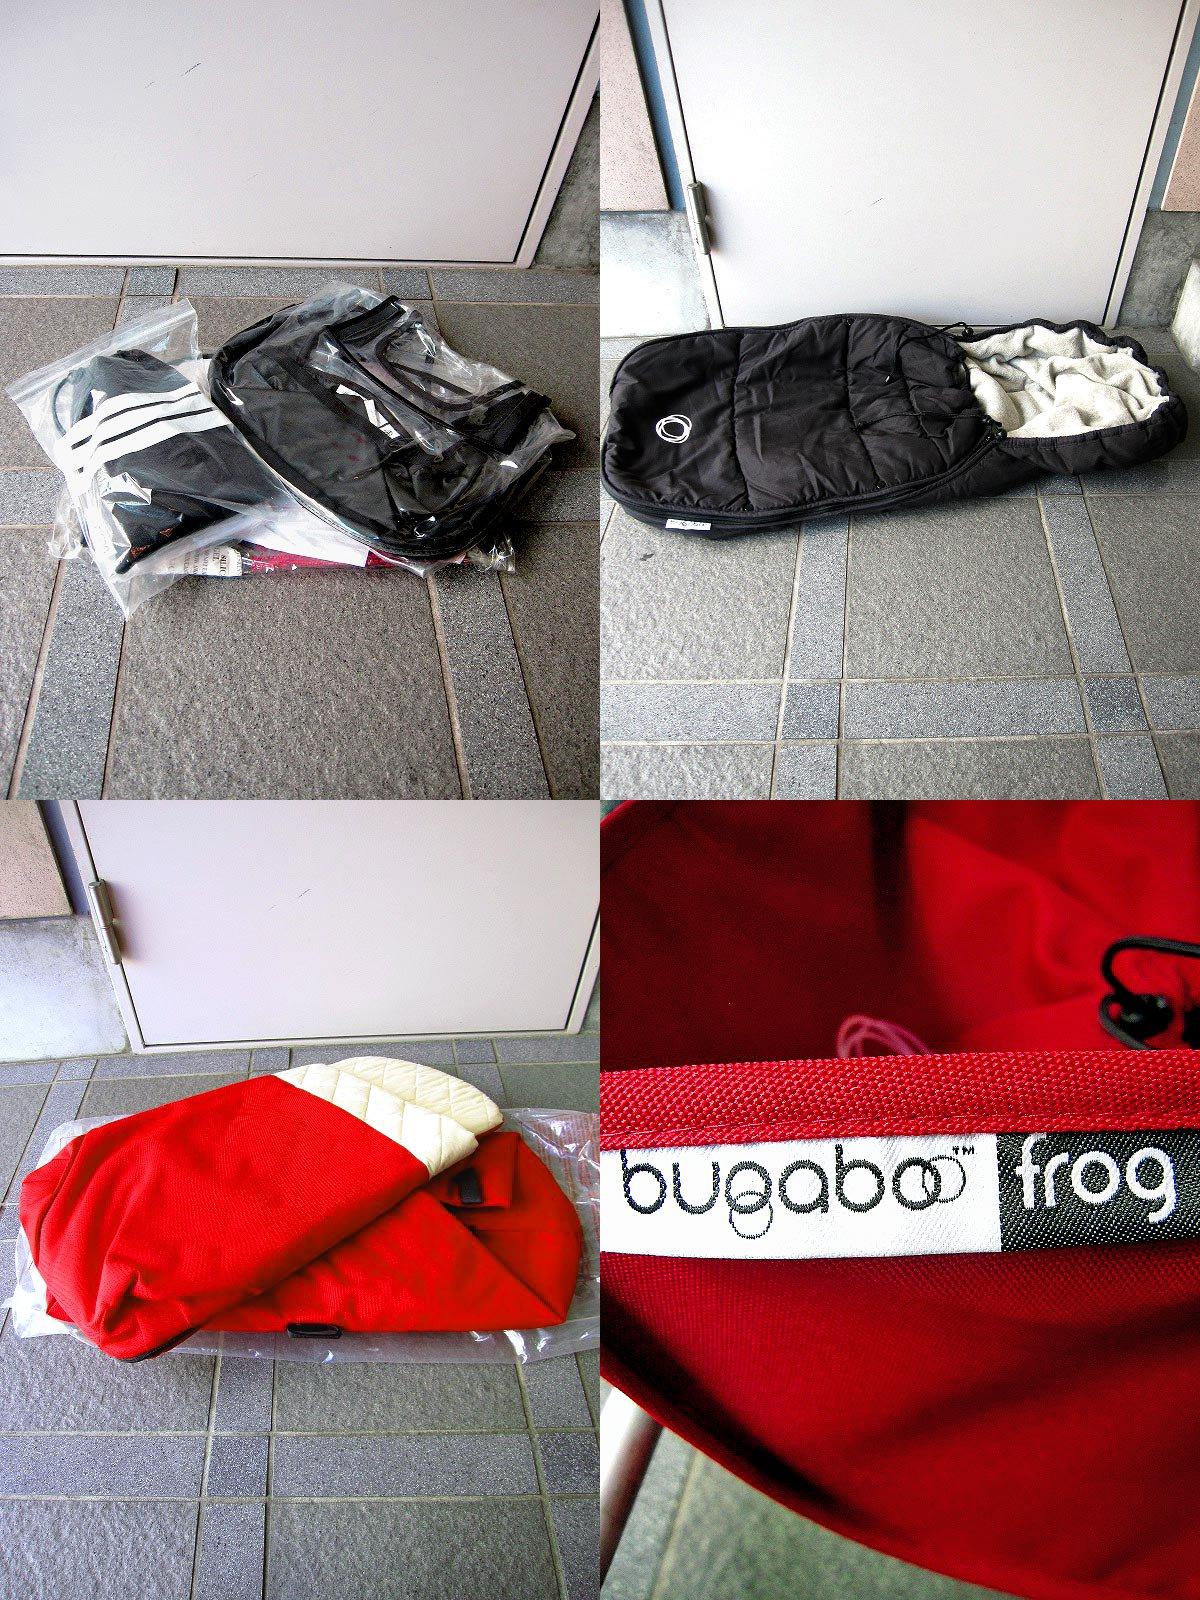 オランダ  Bugaboo ( バガブー社 ) ストローラー / ベビーカー オプション付属 『 Frog / フロッグ (レッド)』  定価総額¥164,740- ★